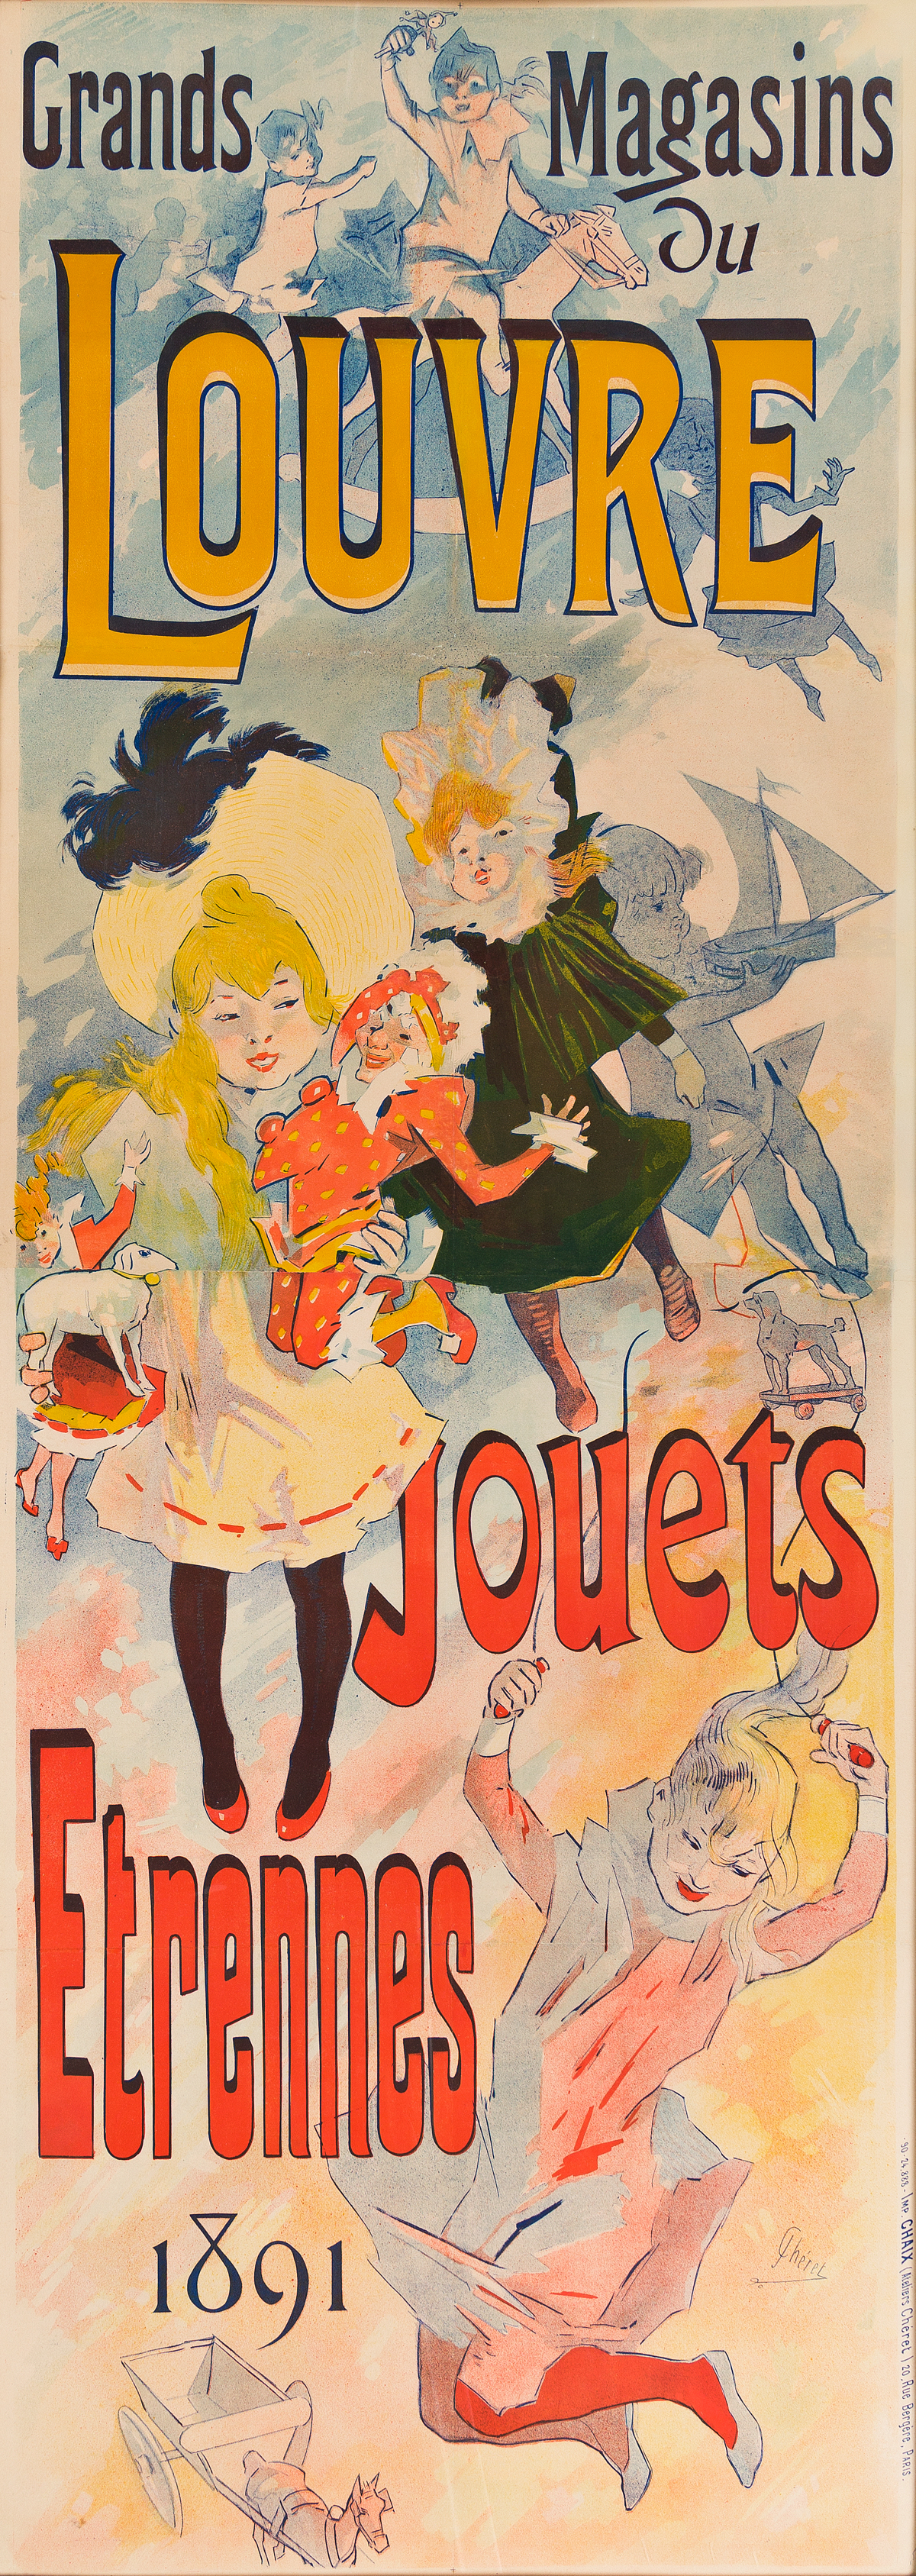 JULES CHÉRET (1836-1932).  GRANDS MAGASINS DU LOUVRE / JOUETS ETRENNES. 1891. 93½x34 inches, 237½x86¼ cm. Chaix, Paris.